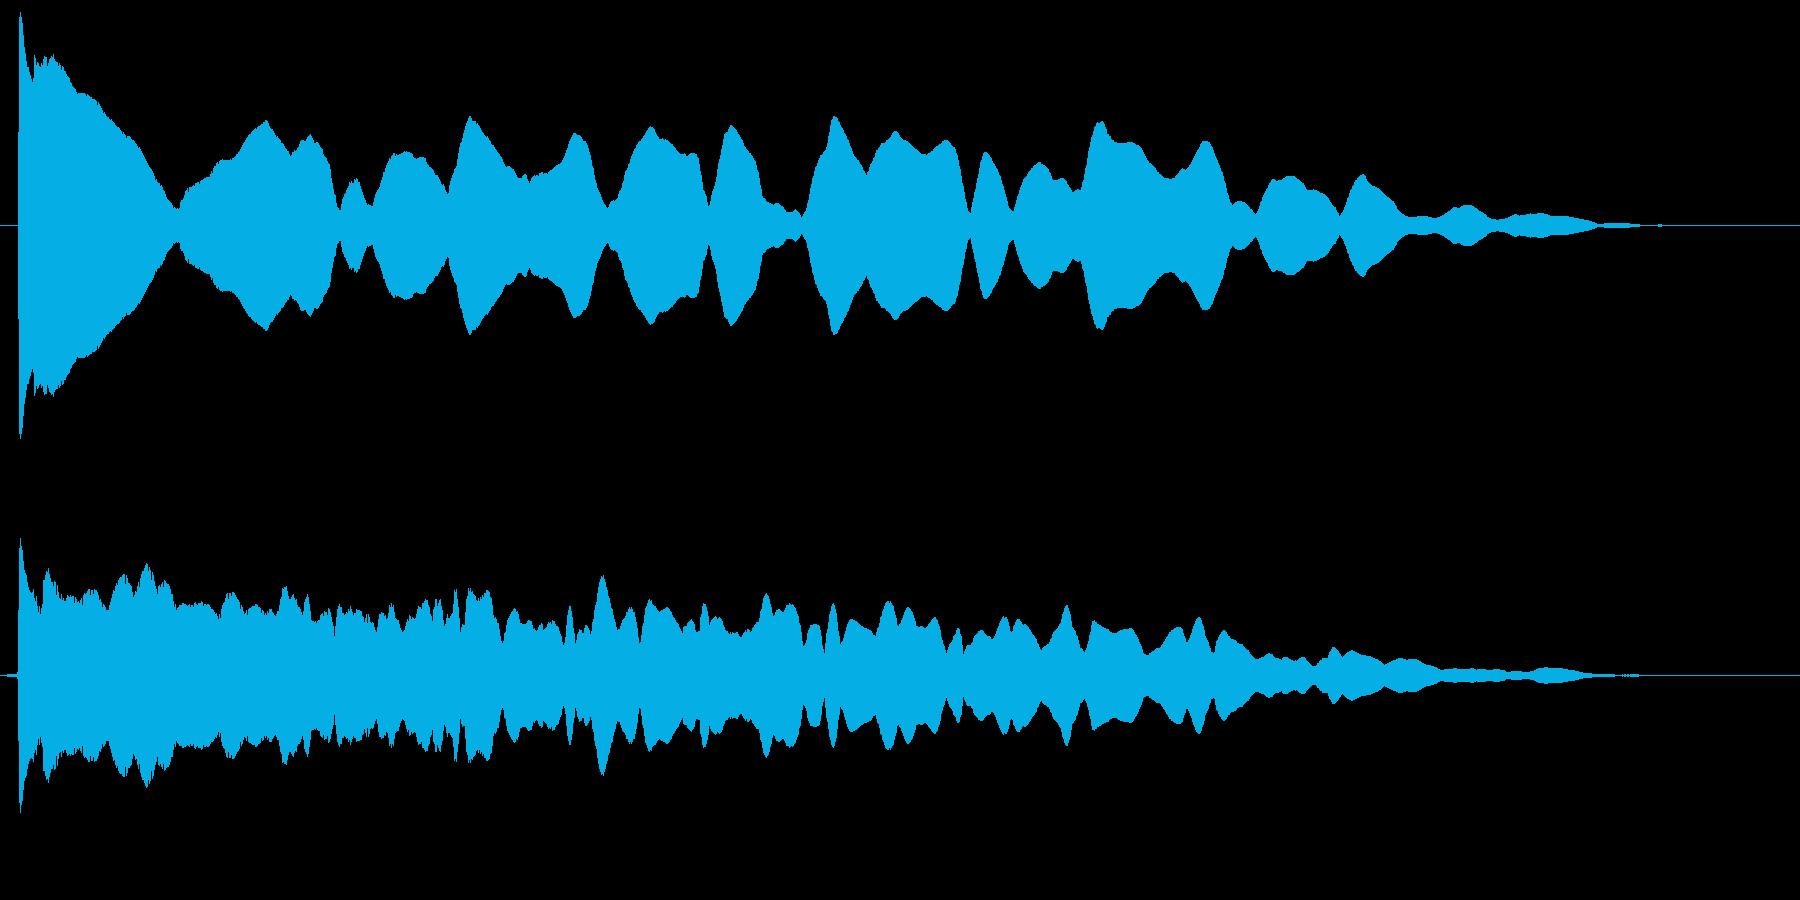 カウント ピーーー ぴー ぷー プーーーの再生済みの波形